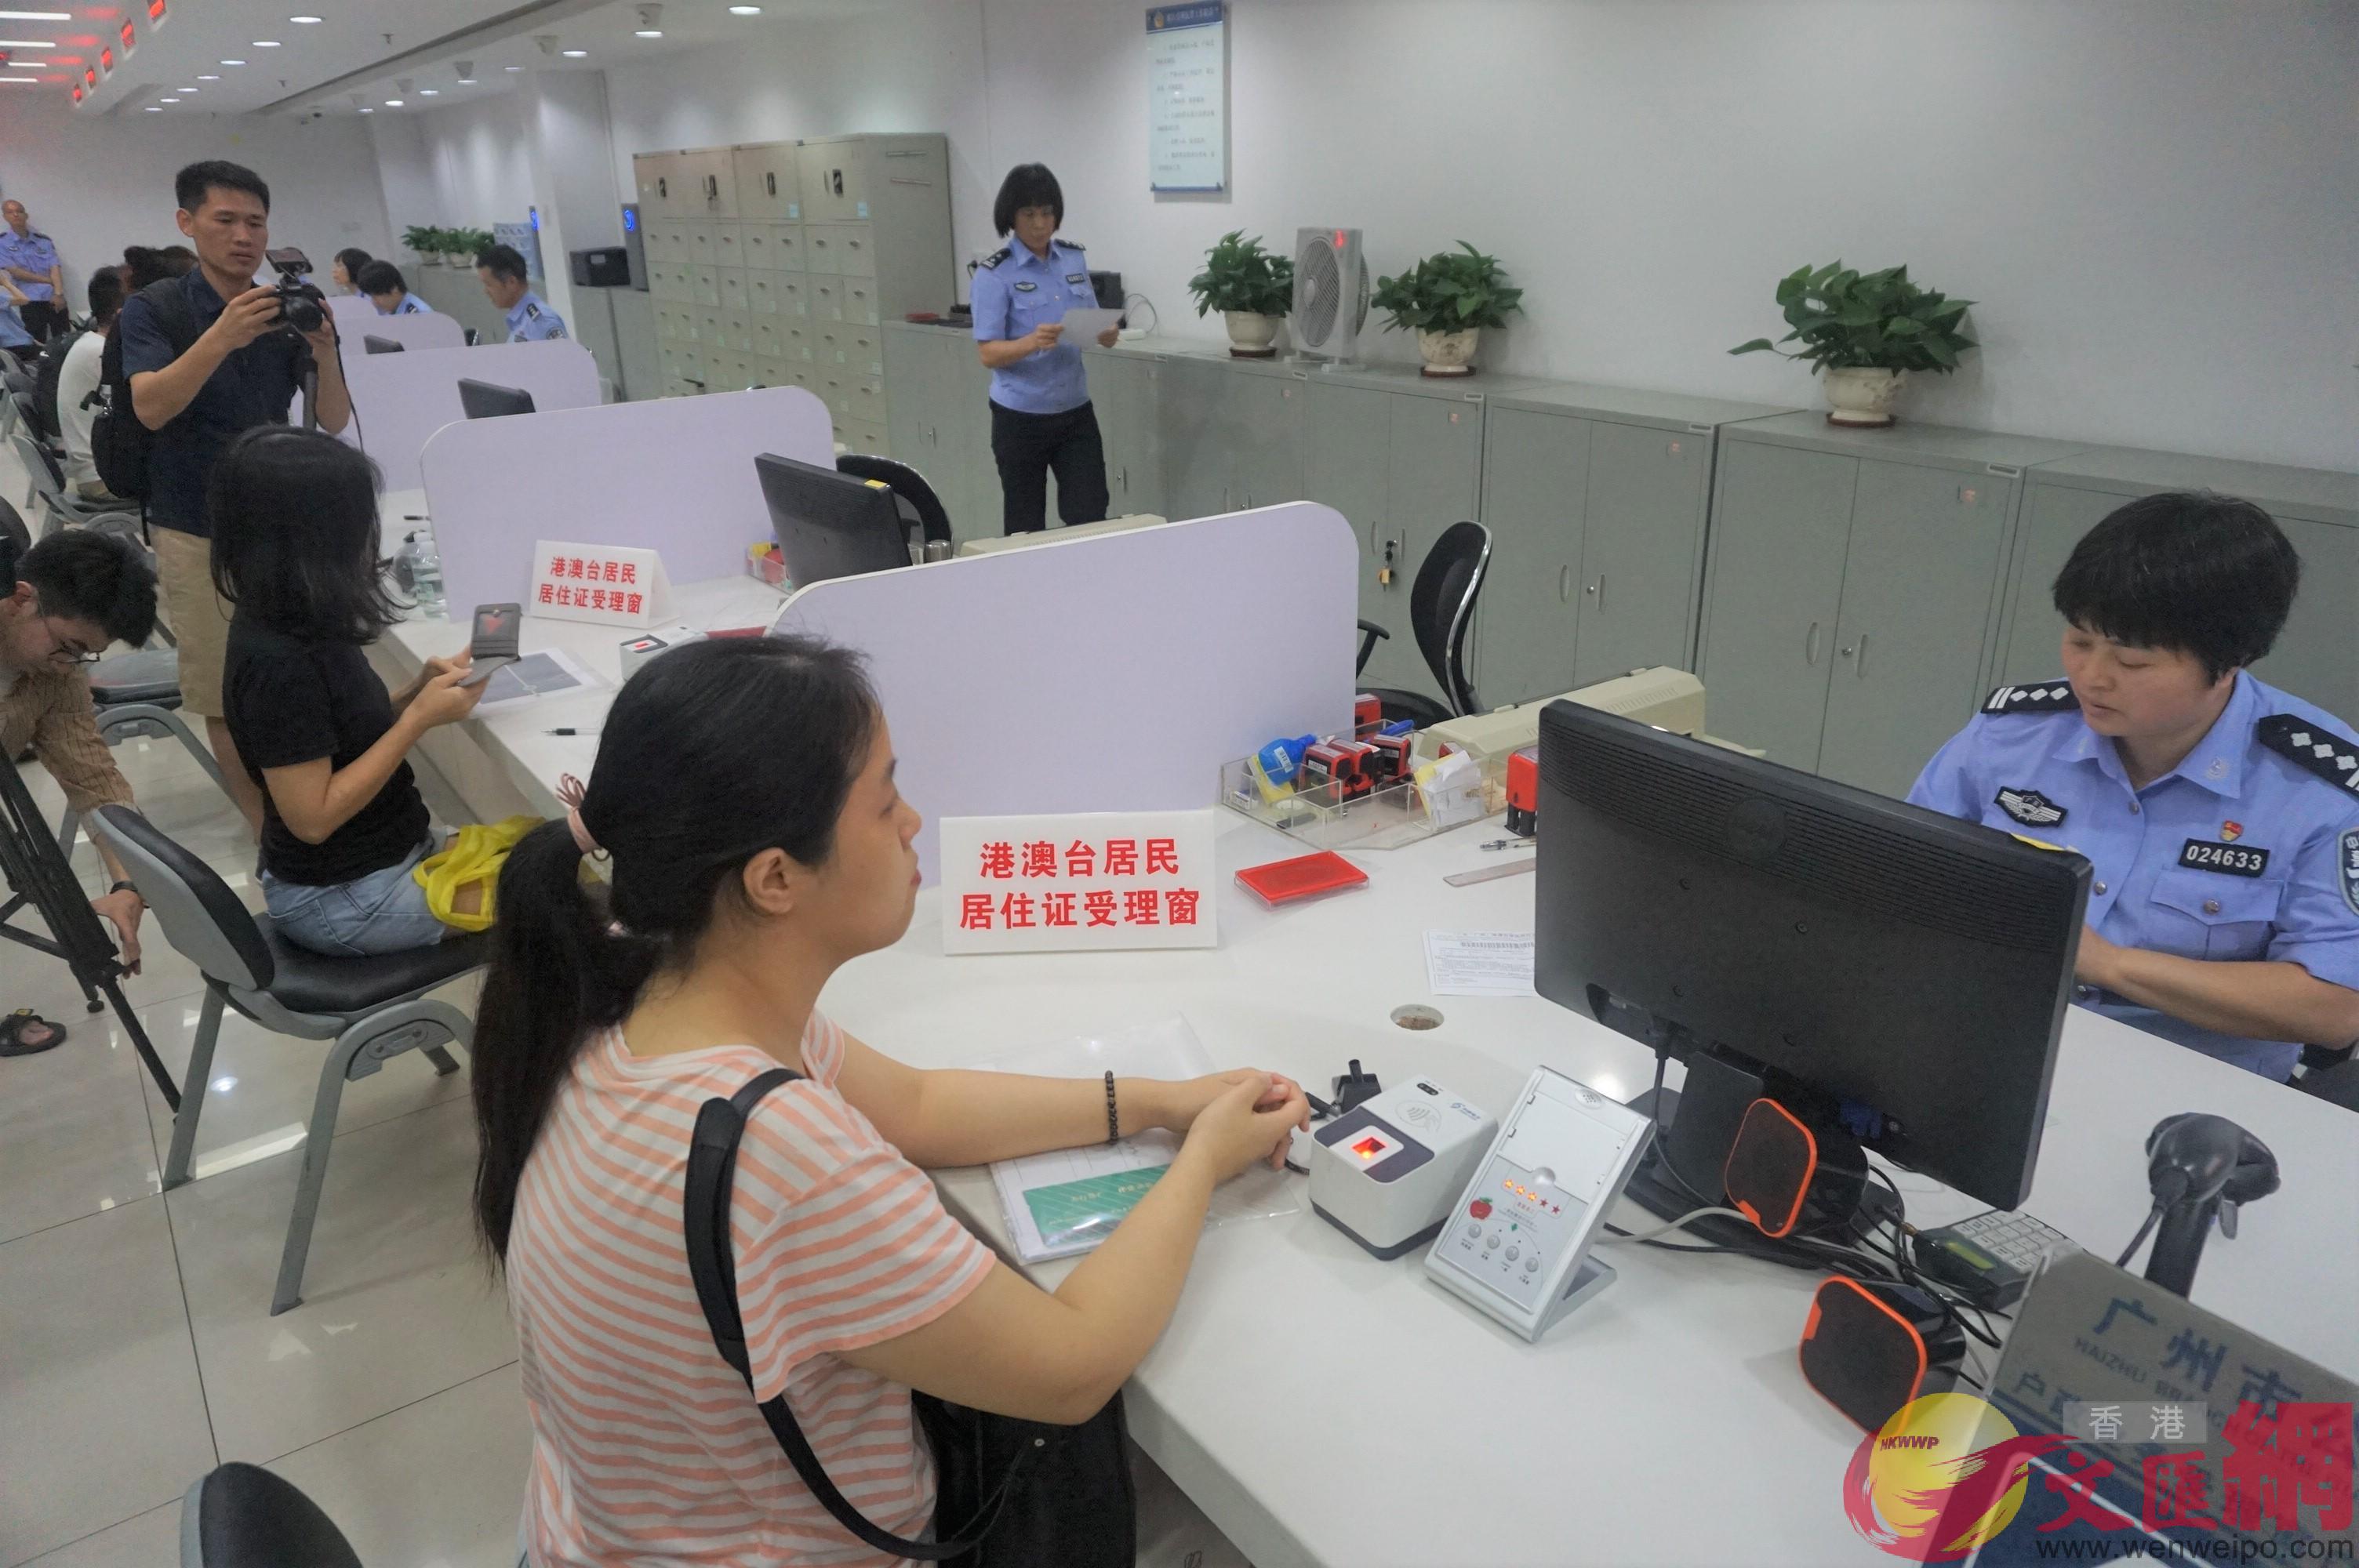 林鄭表示已有10萬居內地港人申請居住證 文匯報資圖片